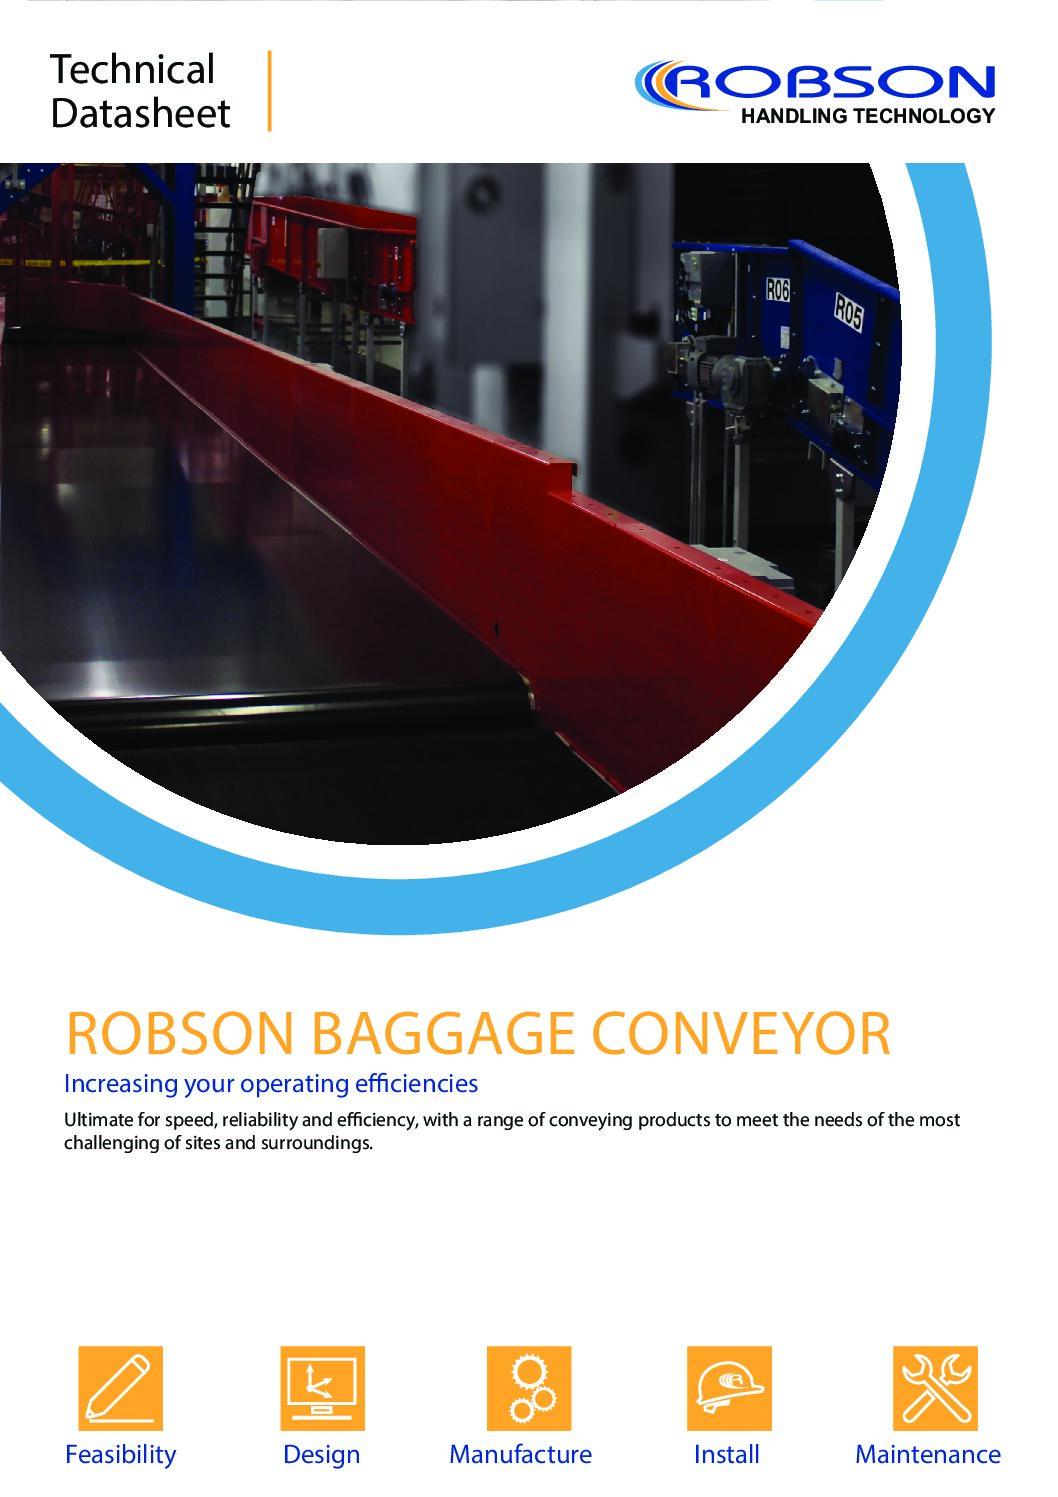 Robson Baggage Conveyors